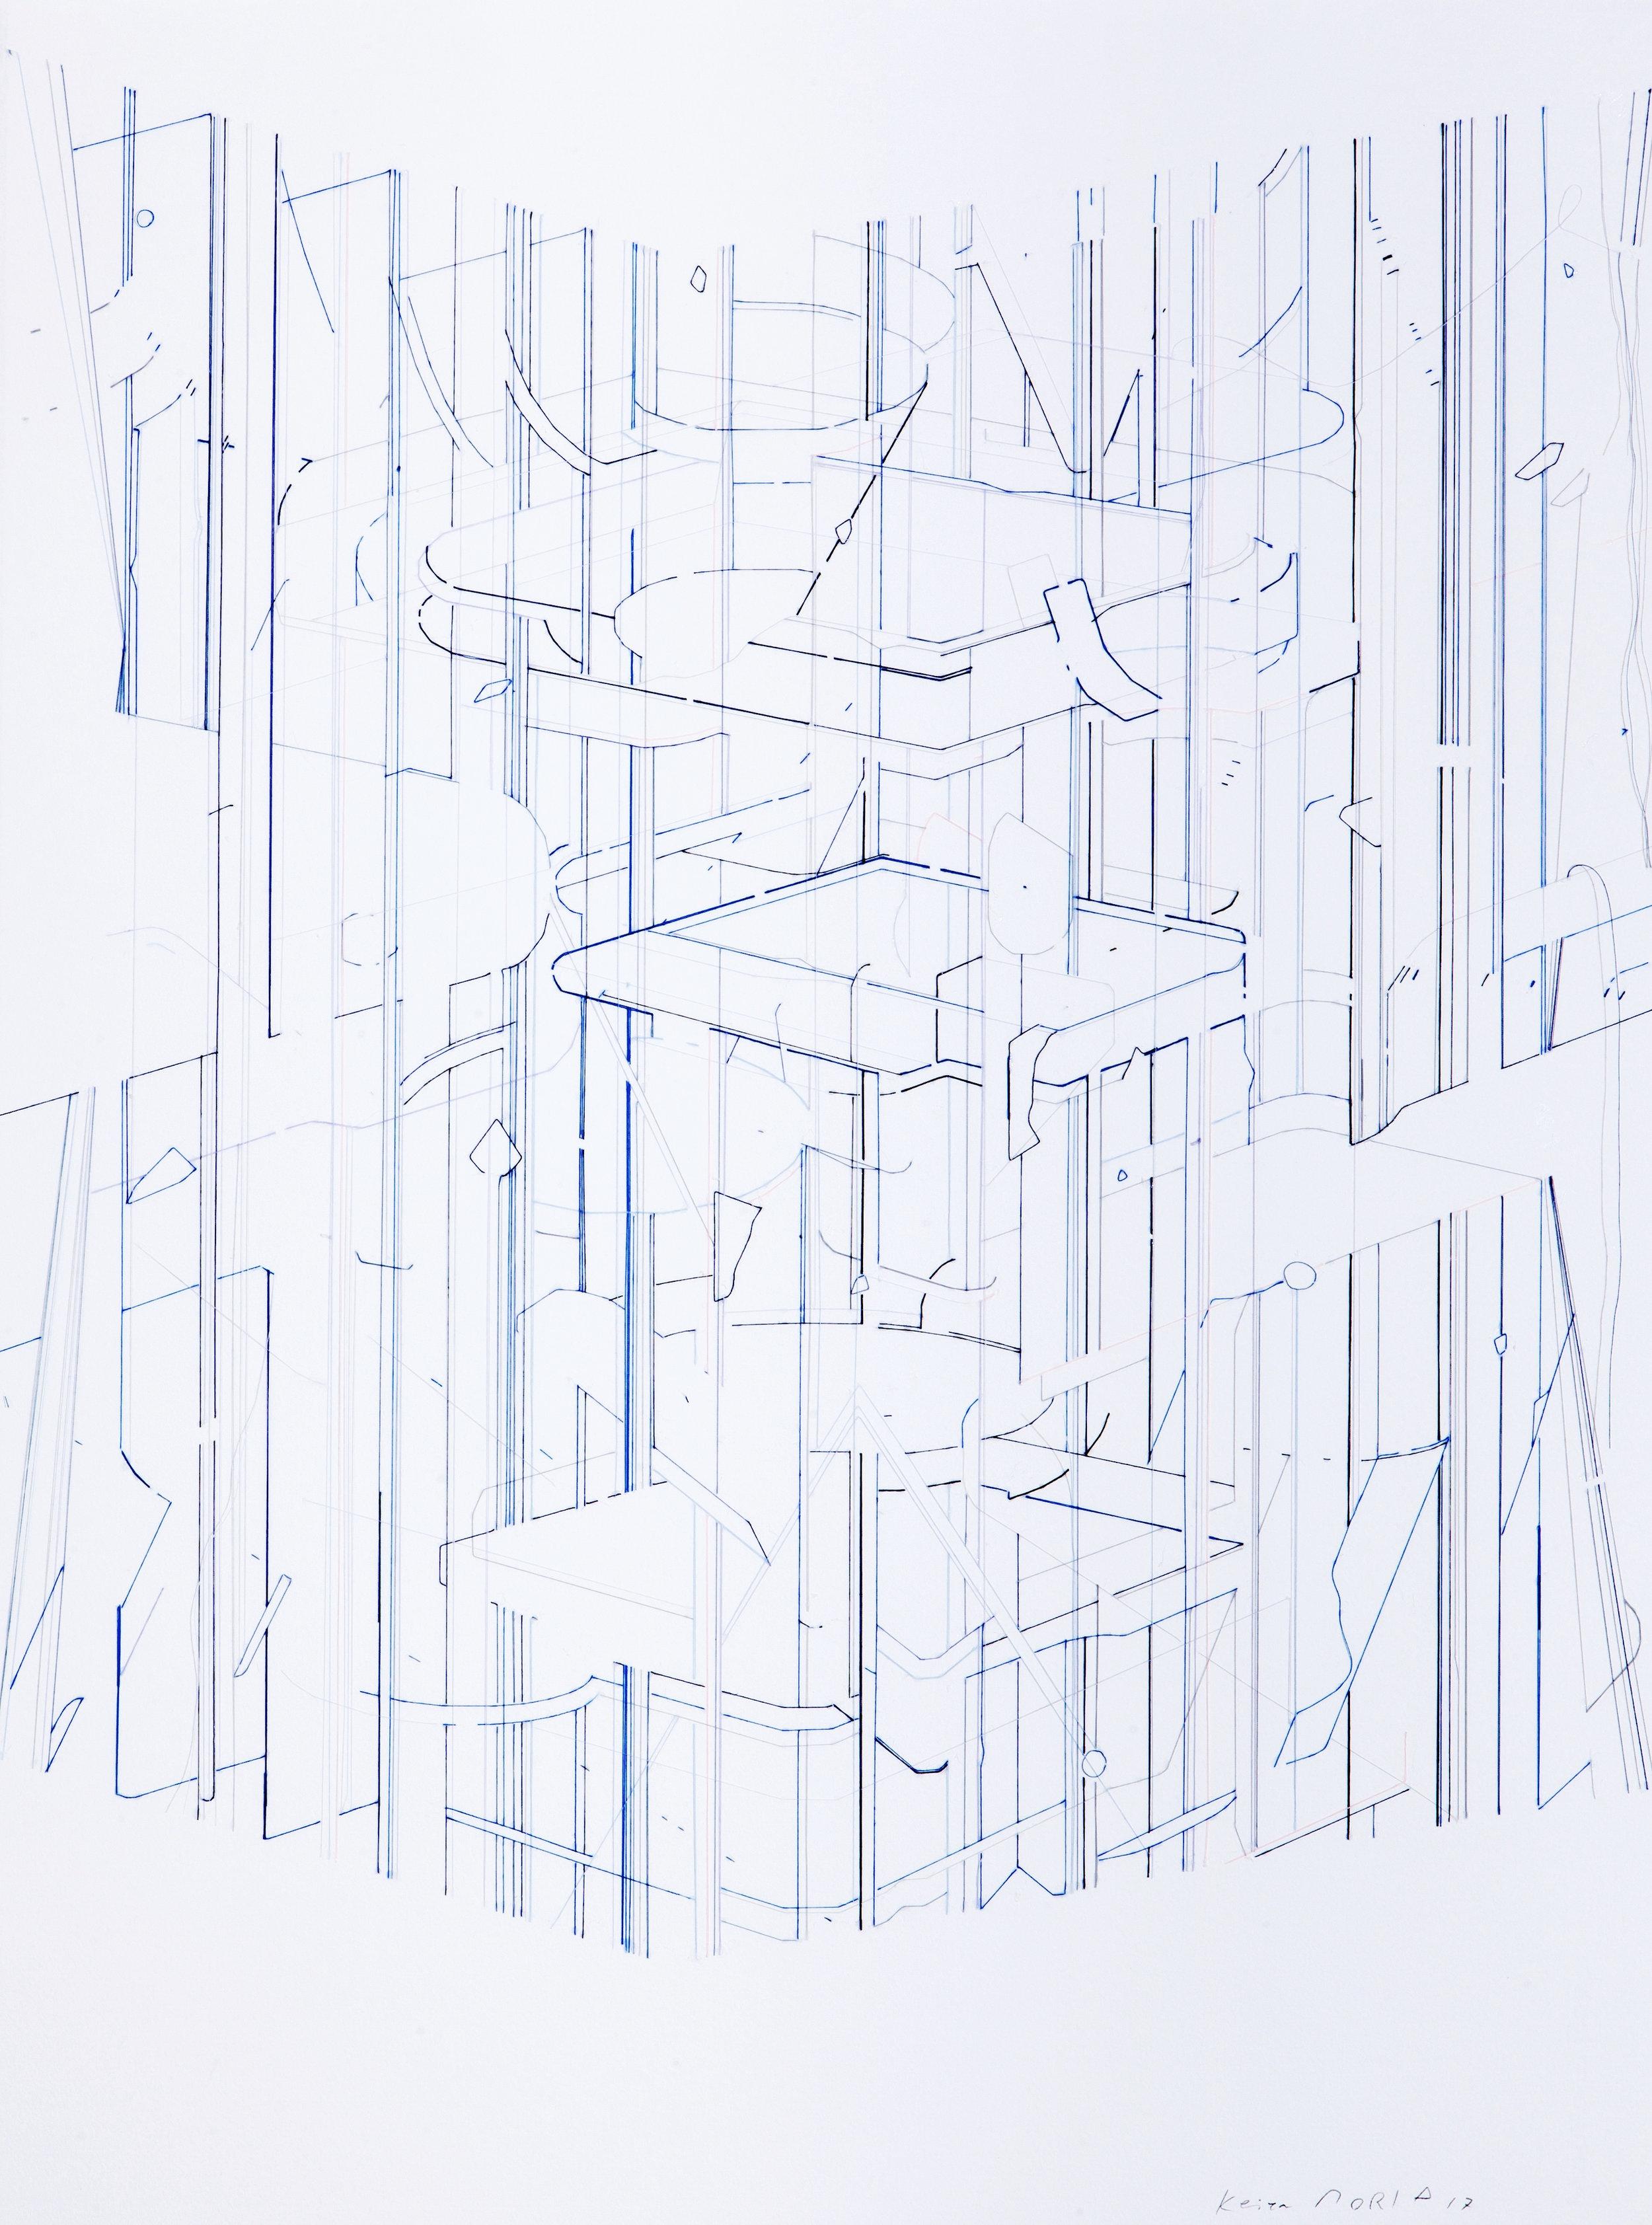 Keita Mori,  Bug report , fil de coton et fil de soie sur papier, 76 x 56 cm, 2017. Courtesy of the artist and Galerie Catherine Putman.